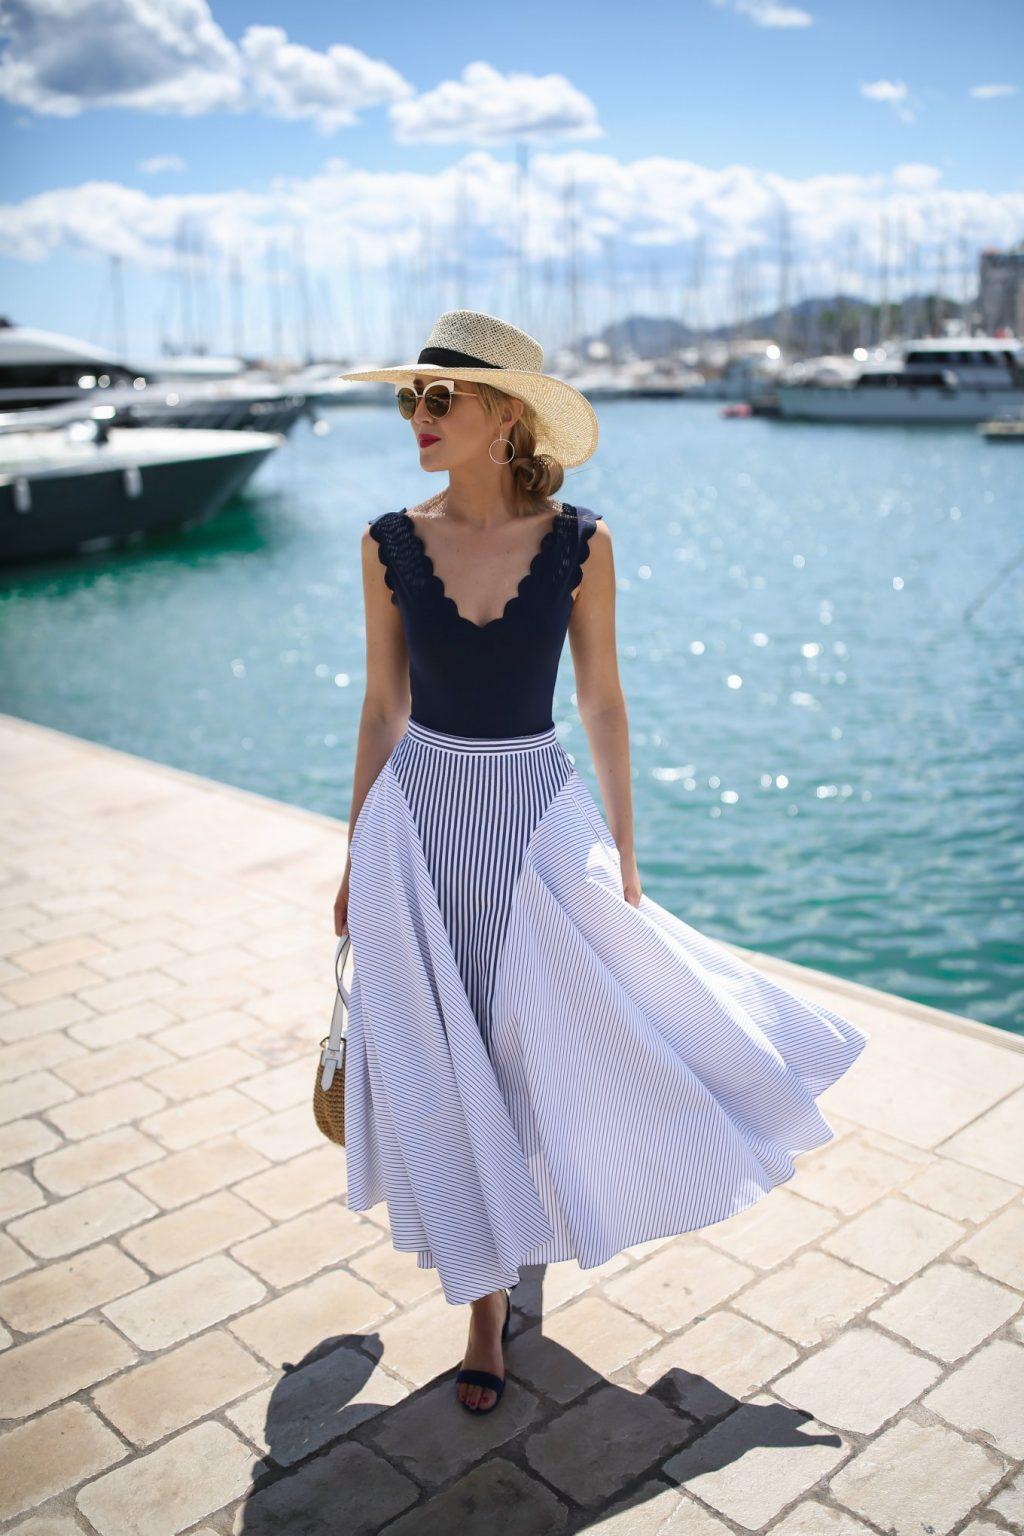 cô gái mặc chân váy và áo hai dây màu xanh